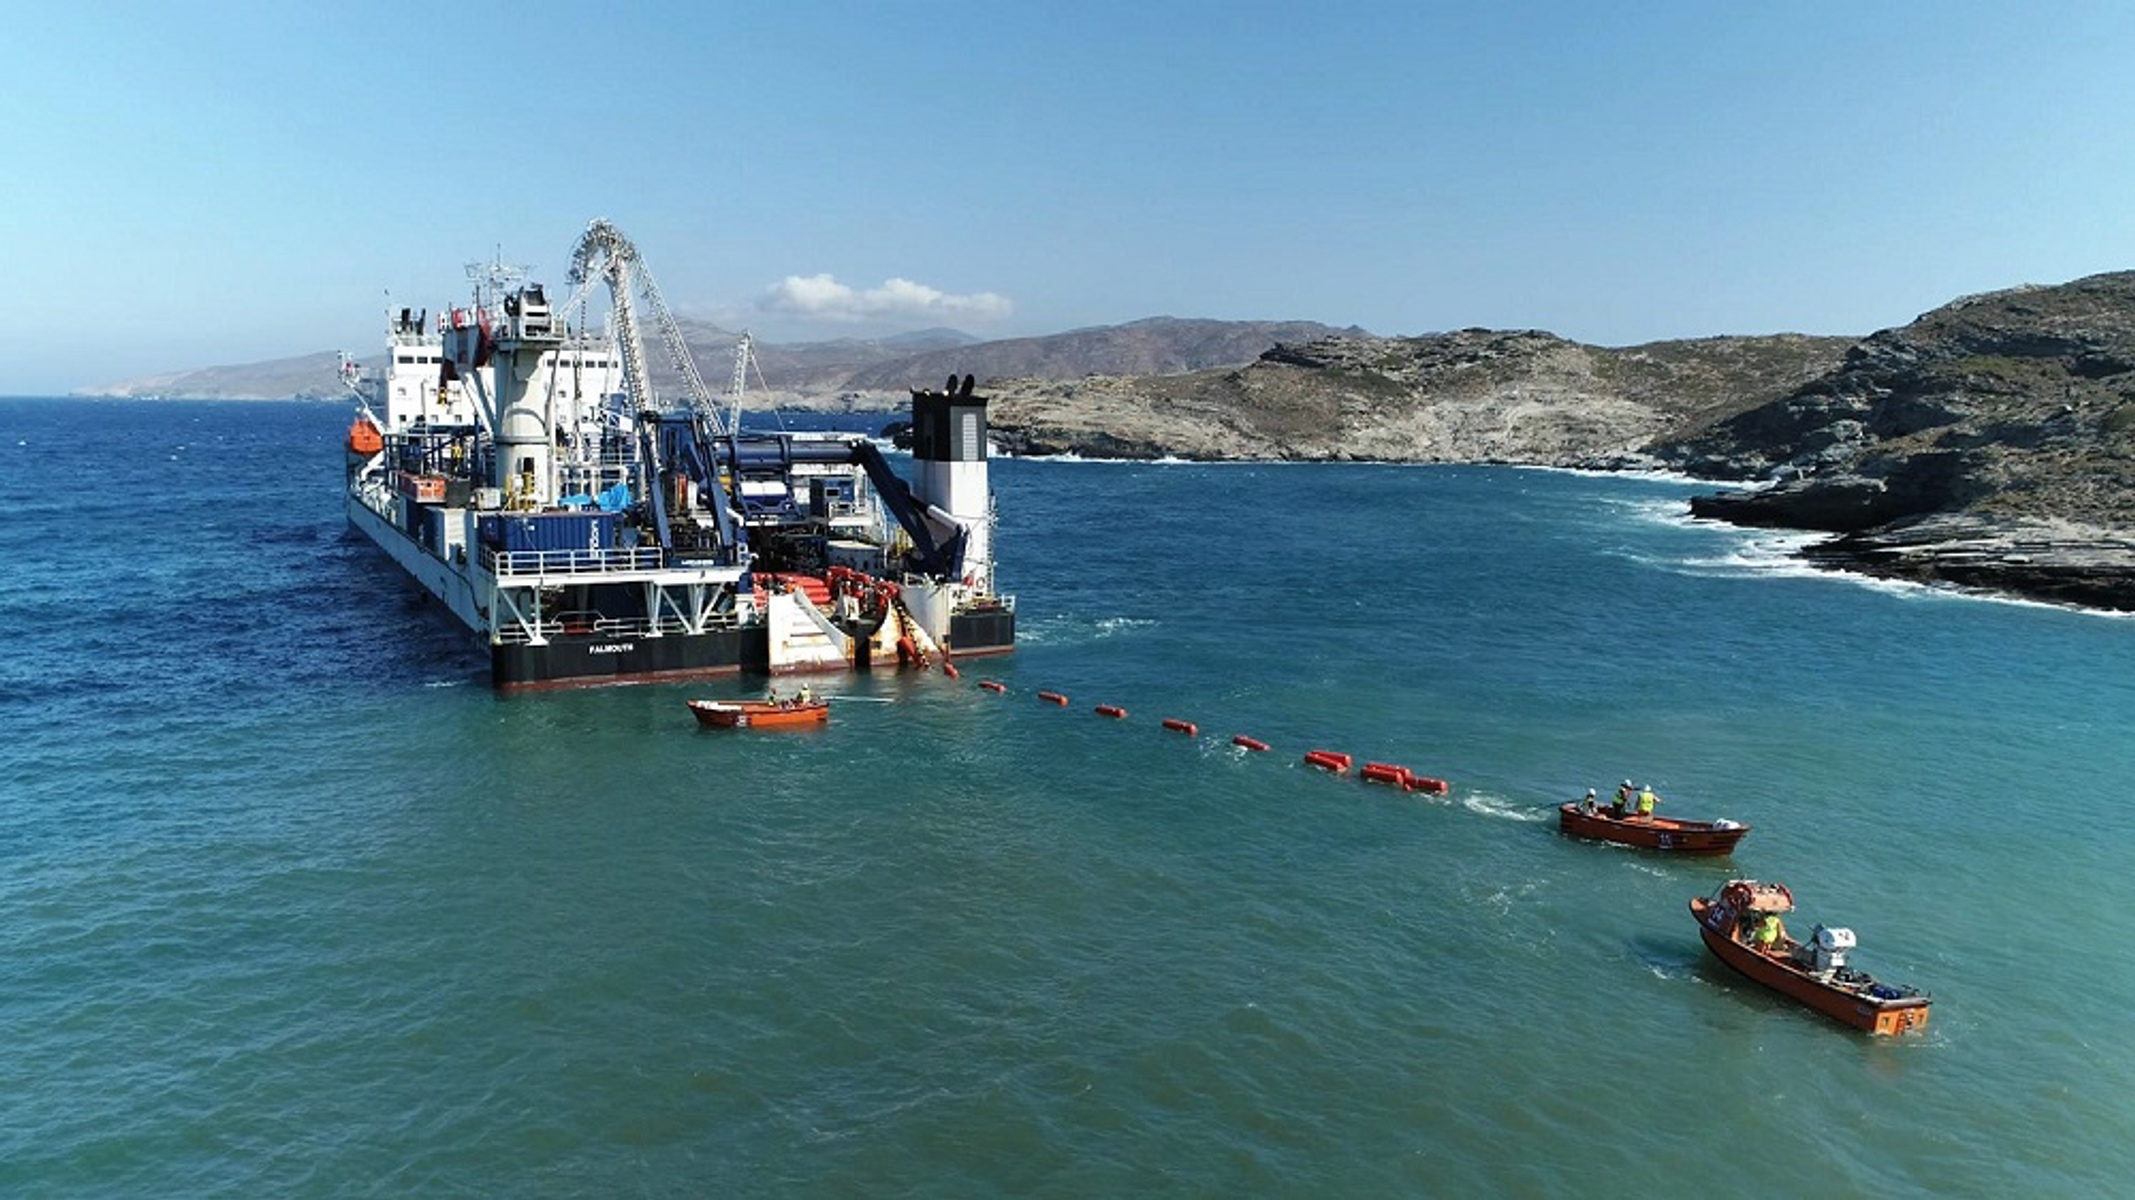 ΑΔΜΗΕ: Εντυπωσιακές εικόνες από την βύθιση υποβρύχιου καλωδίου